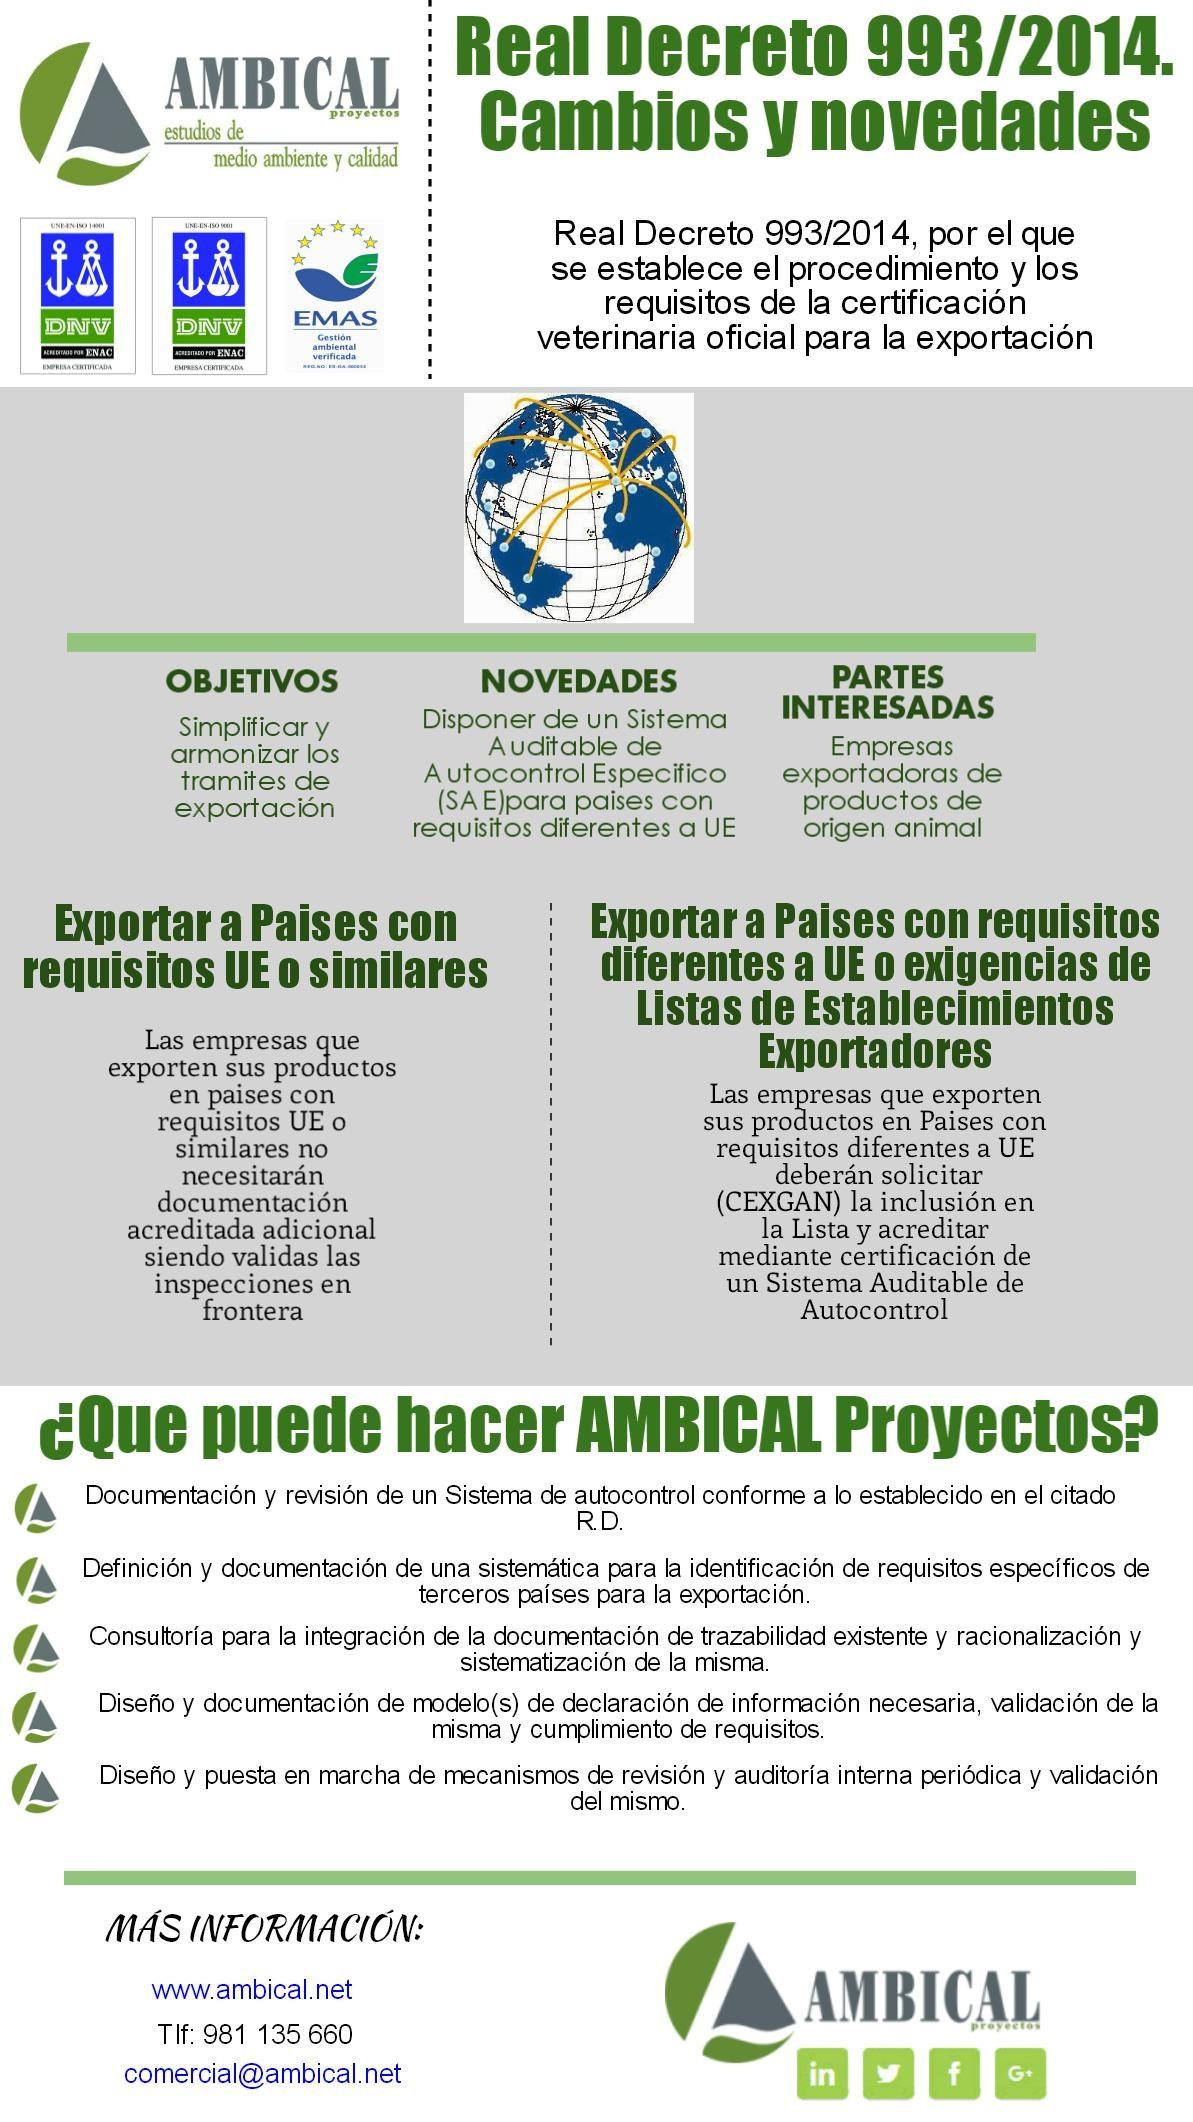 Exportaciones AMBICAL